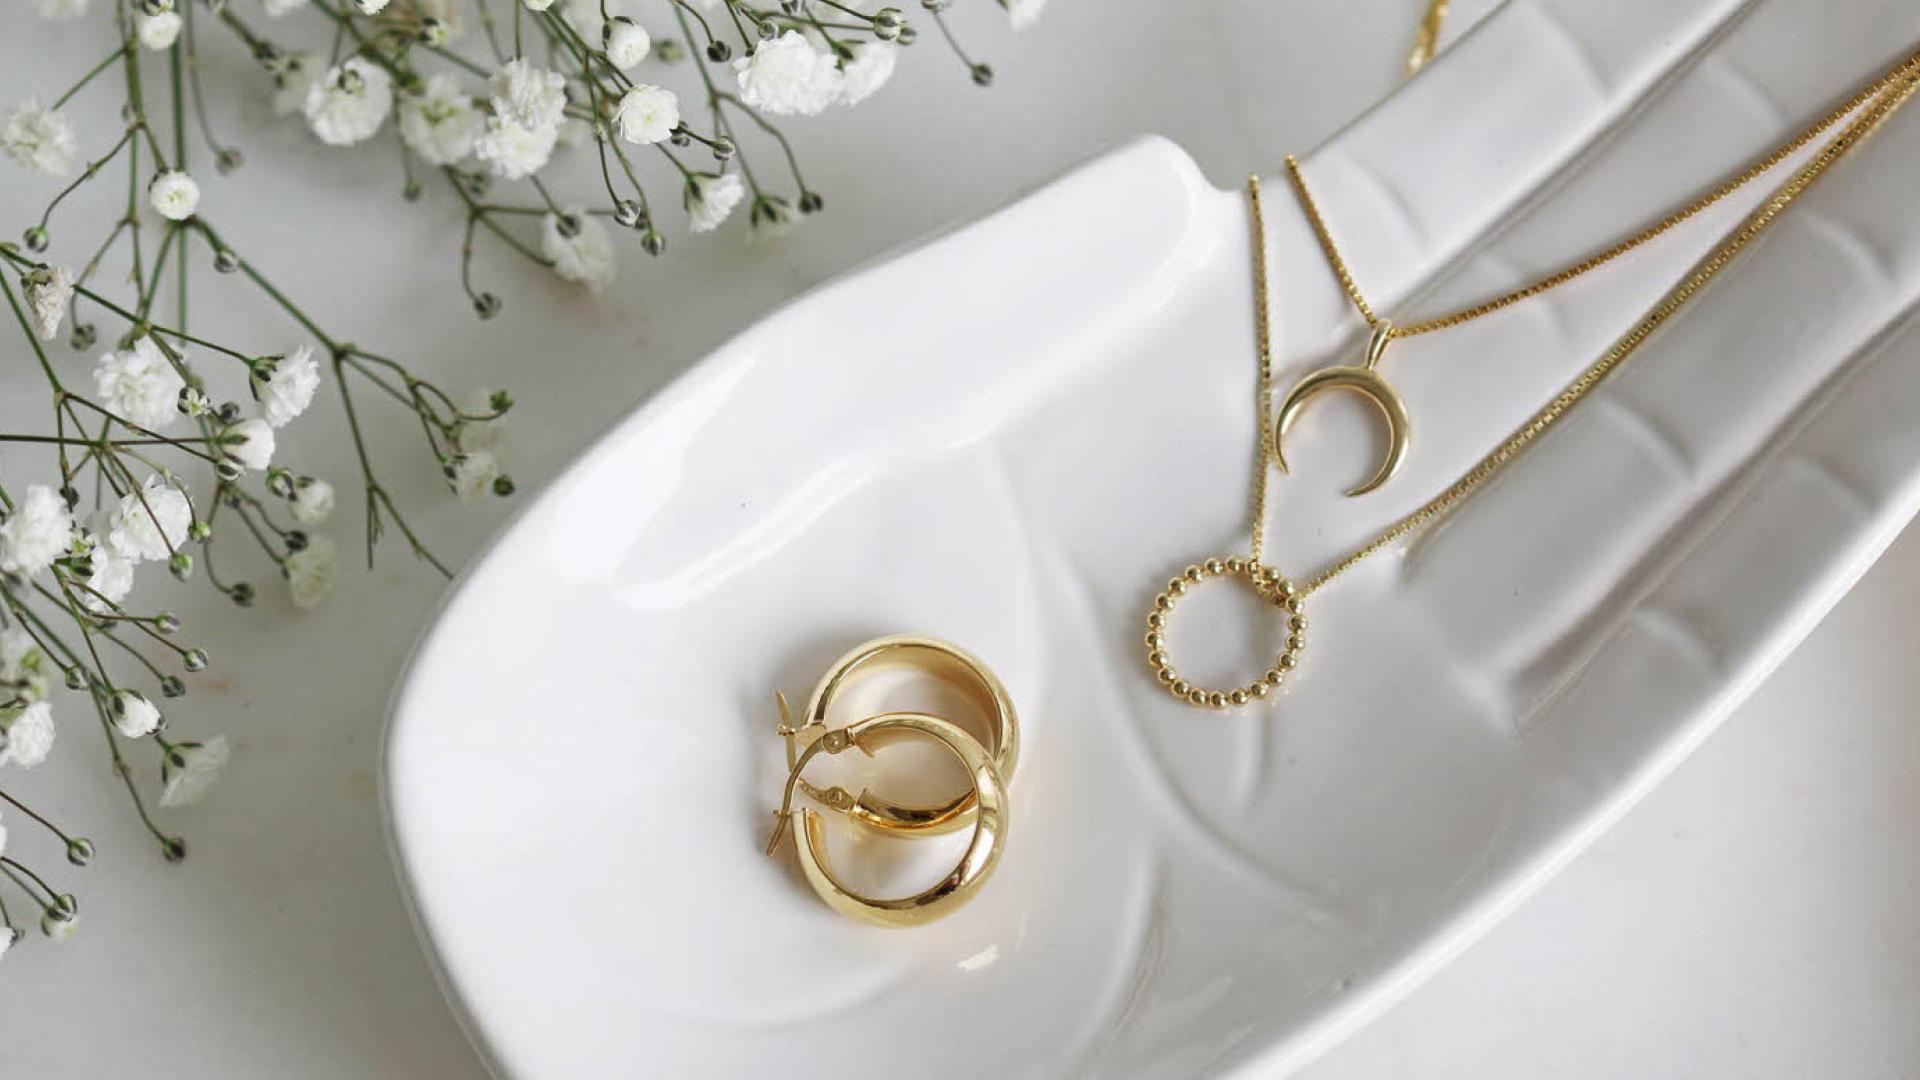 Bilde av gullsmykker i en skål formet som en hånd